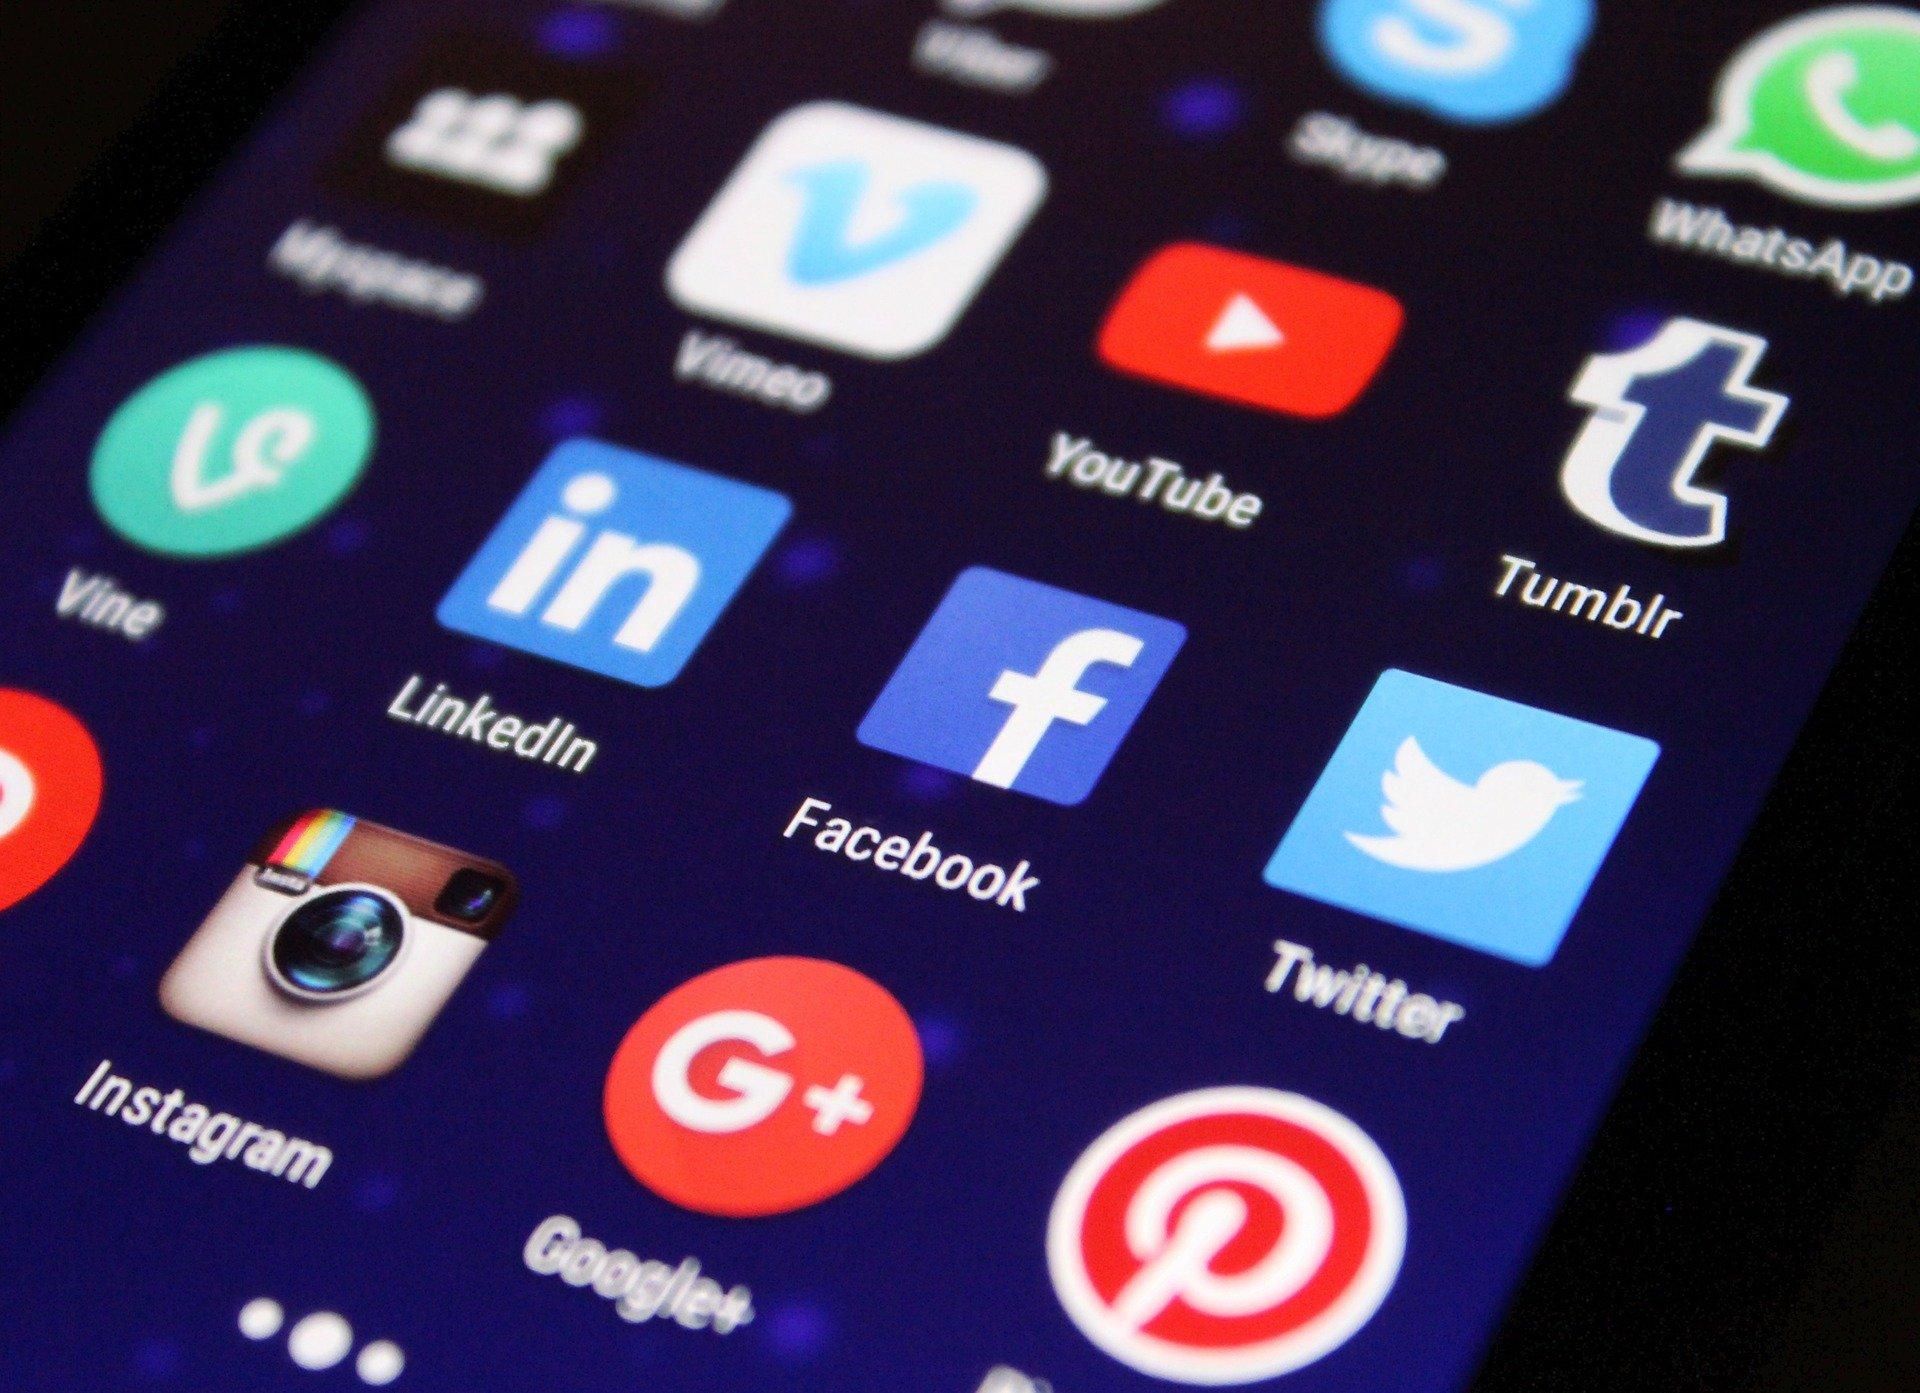 дисплей смартфона с иконками соцсетей